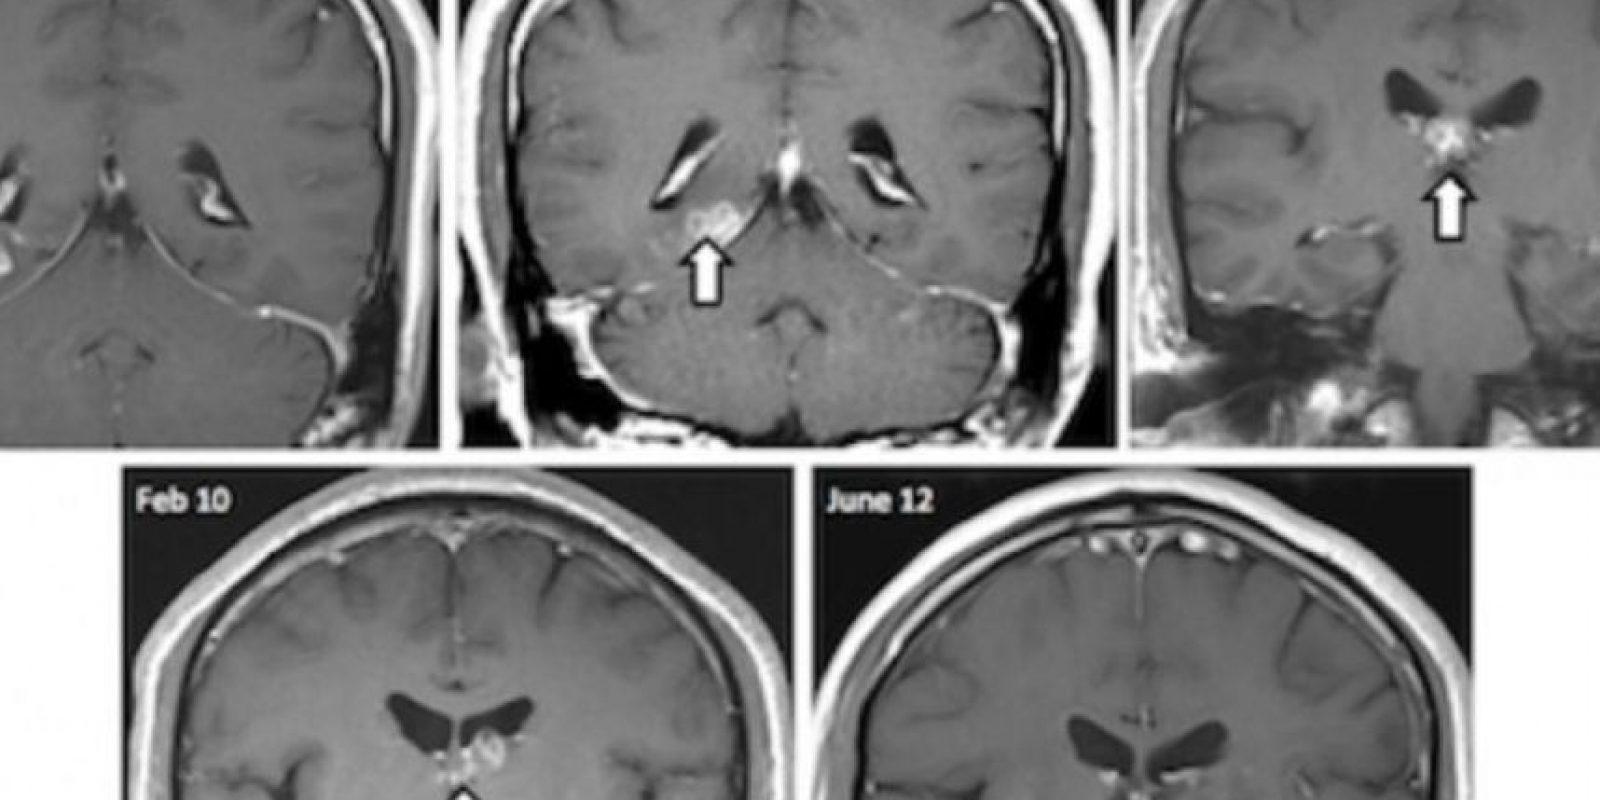 Un hombre tenía dolores de cabeza debilitantes. Hasta que en plenos exámenes descubrieron que tenía un gusano viviendo en su cerebro. Foto:vía Genome Biology